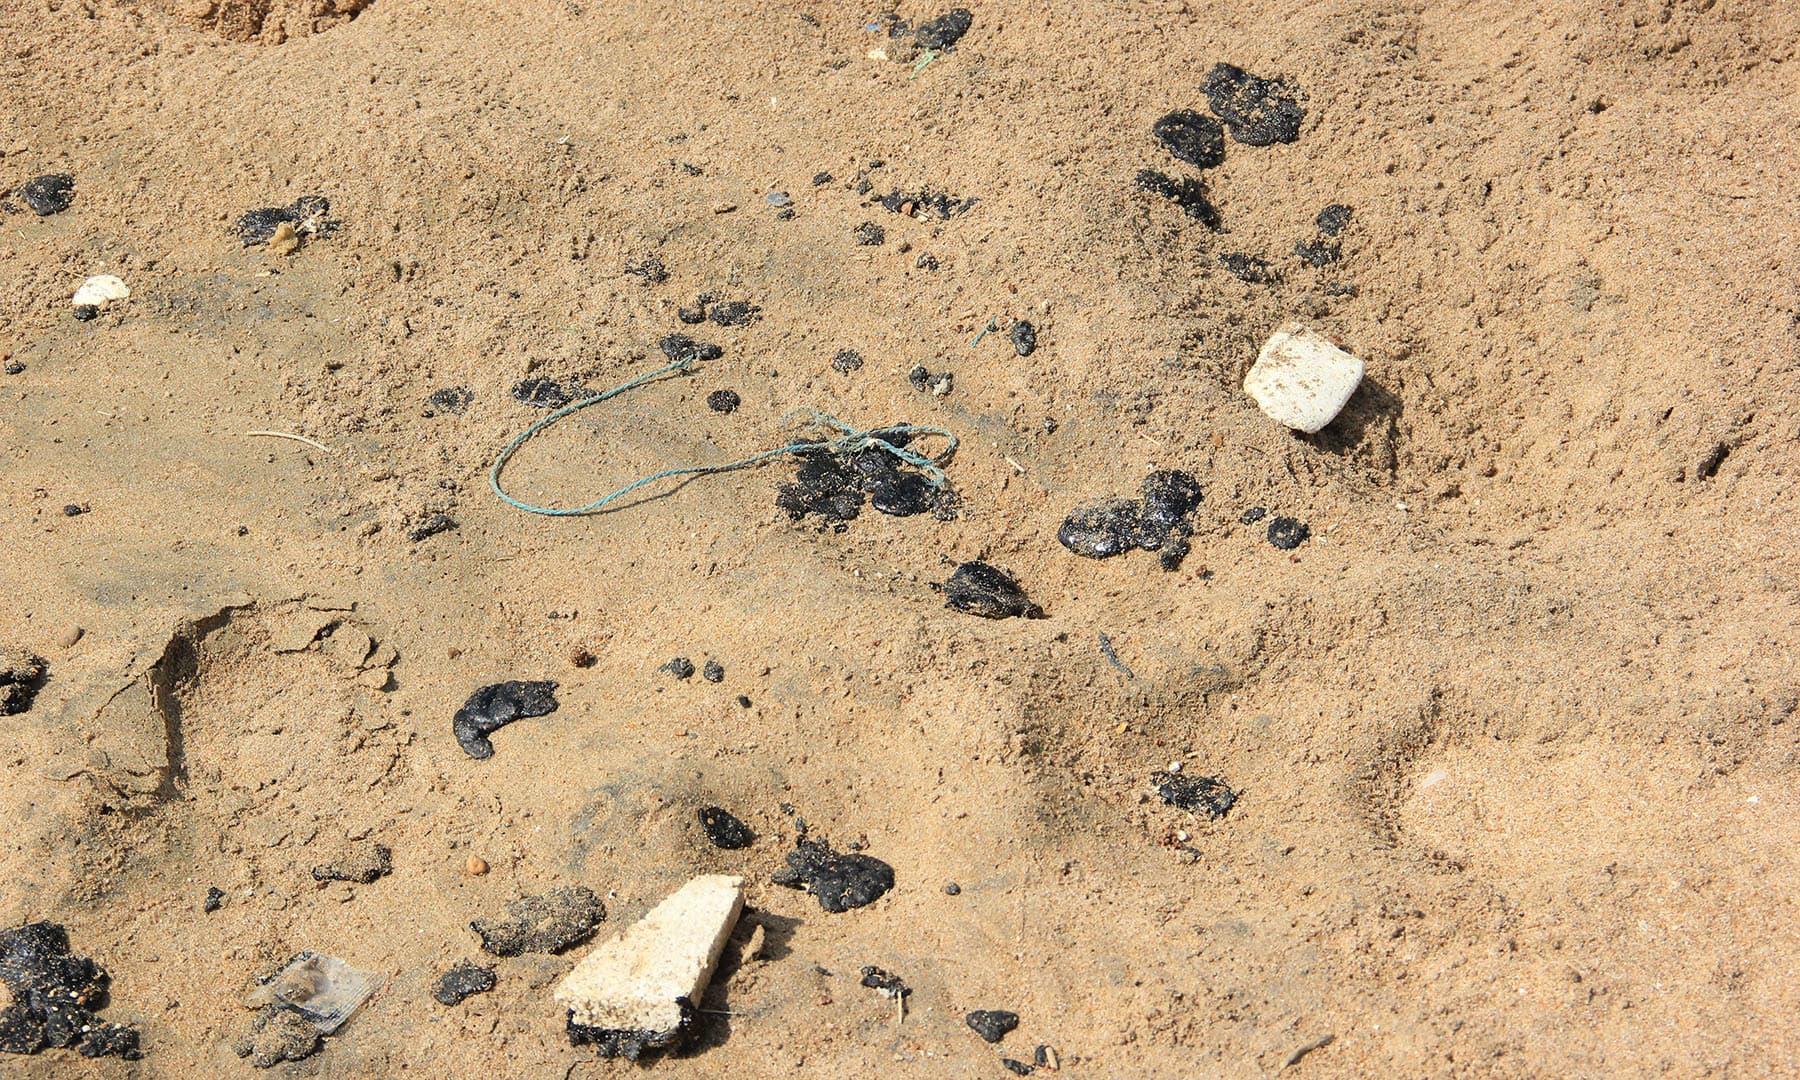 سمندر کے کنارے ریت پر تیل بکھرا پڑا ہے— فوٹو سعید الاسلام